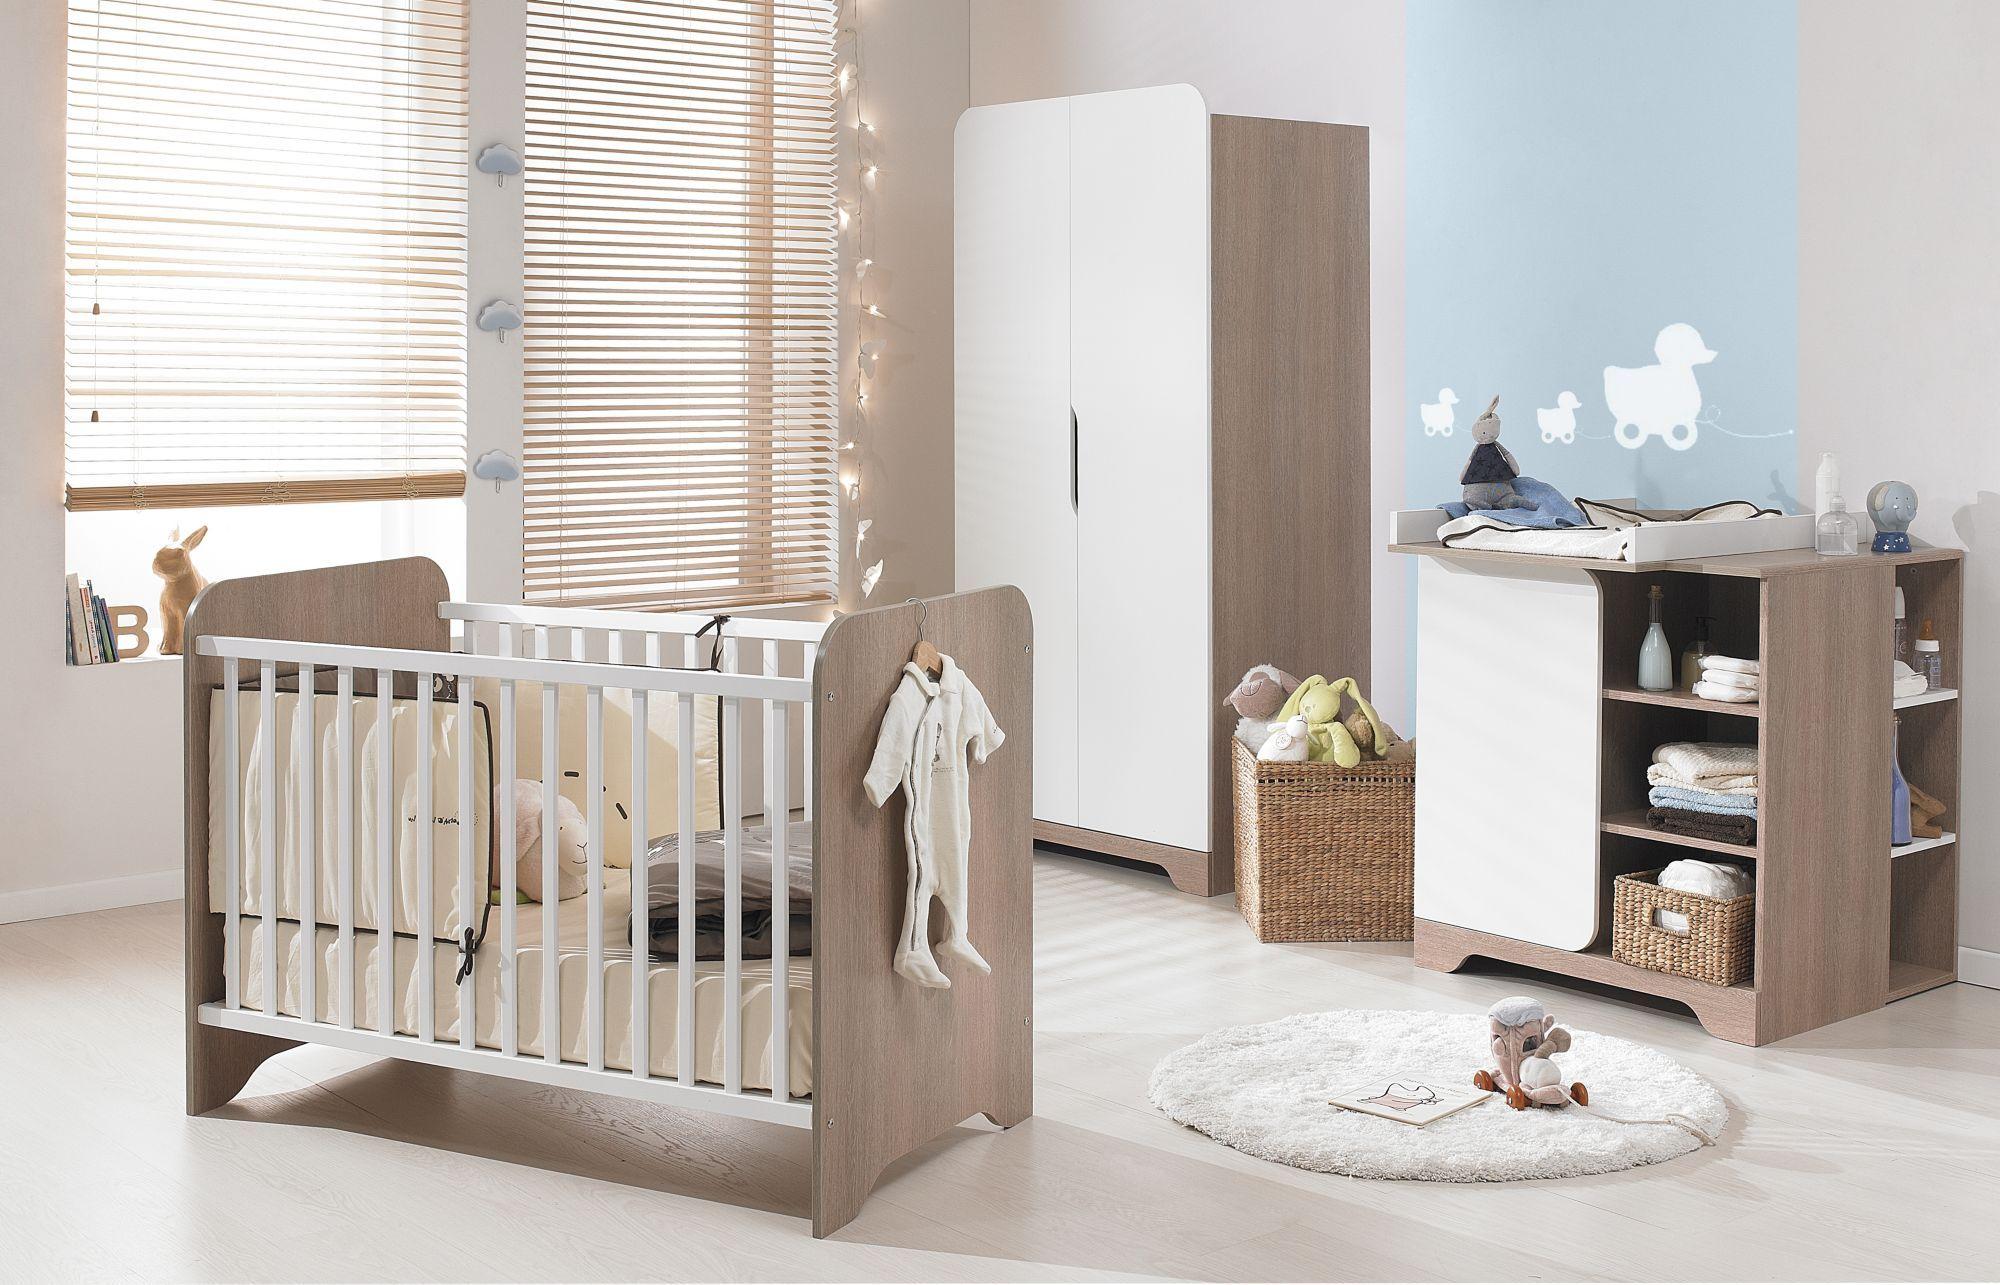 Ensemble de meubles pour chambre bébé Blanc-Noisette - Metis - Les ...